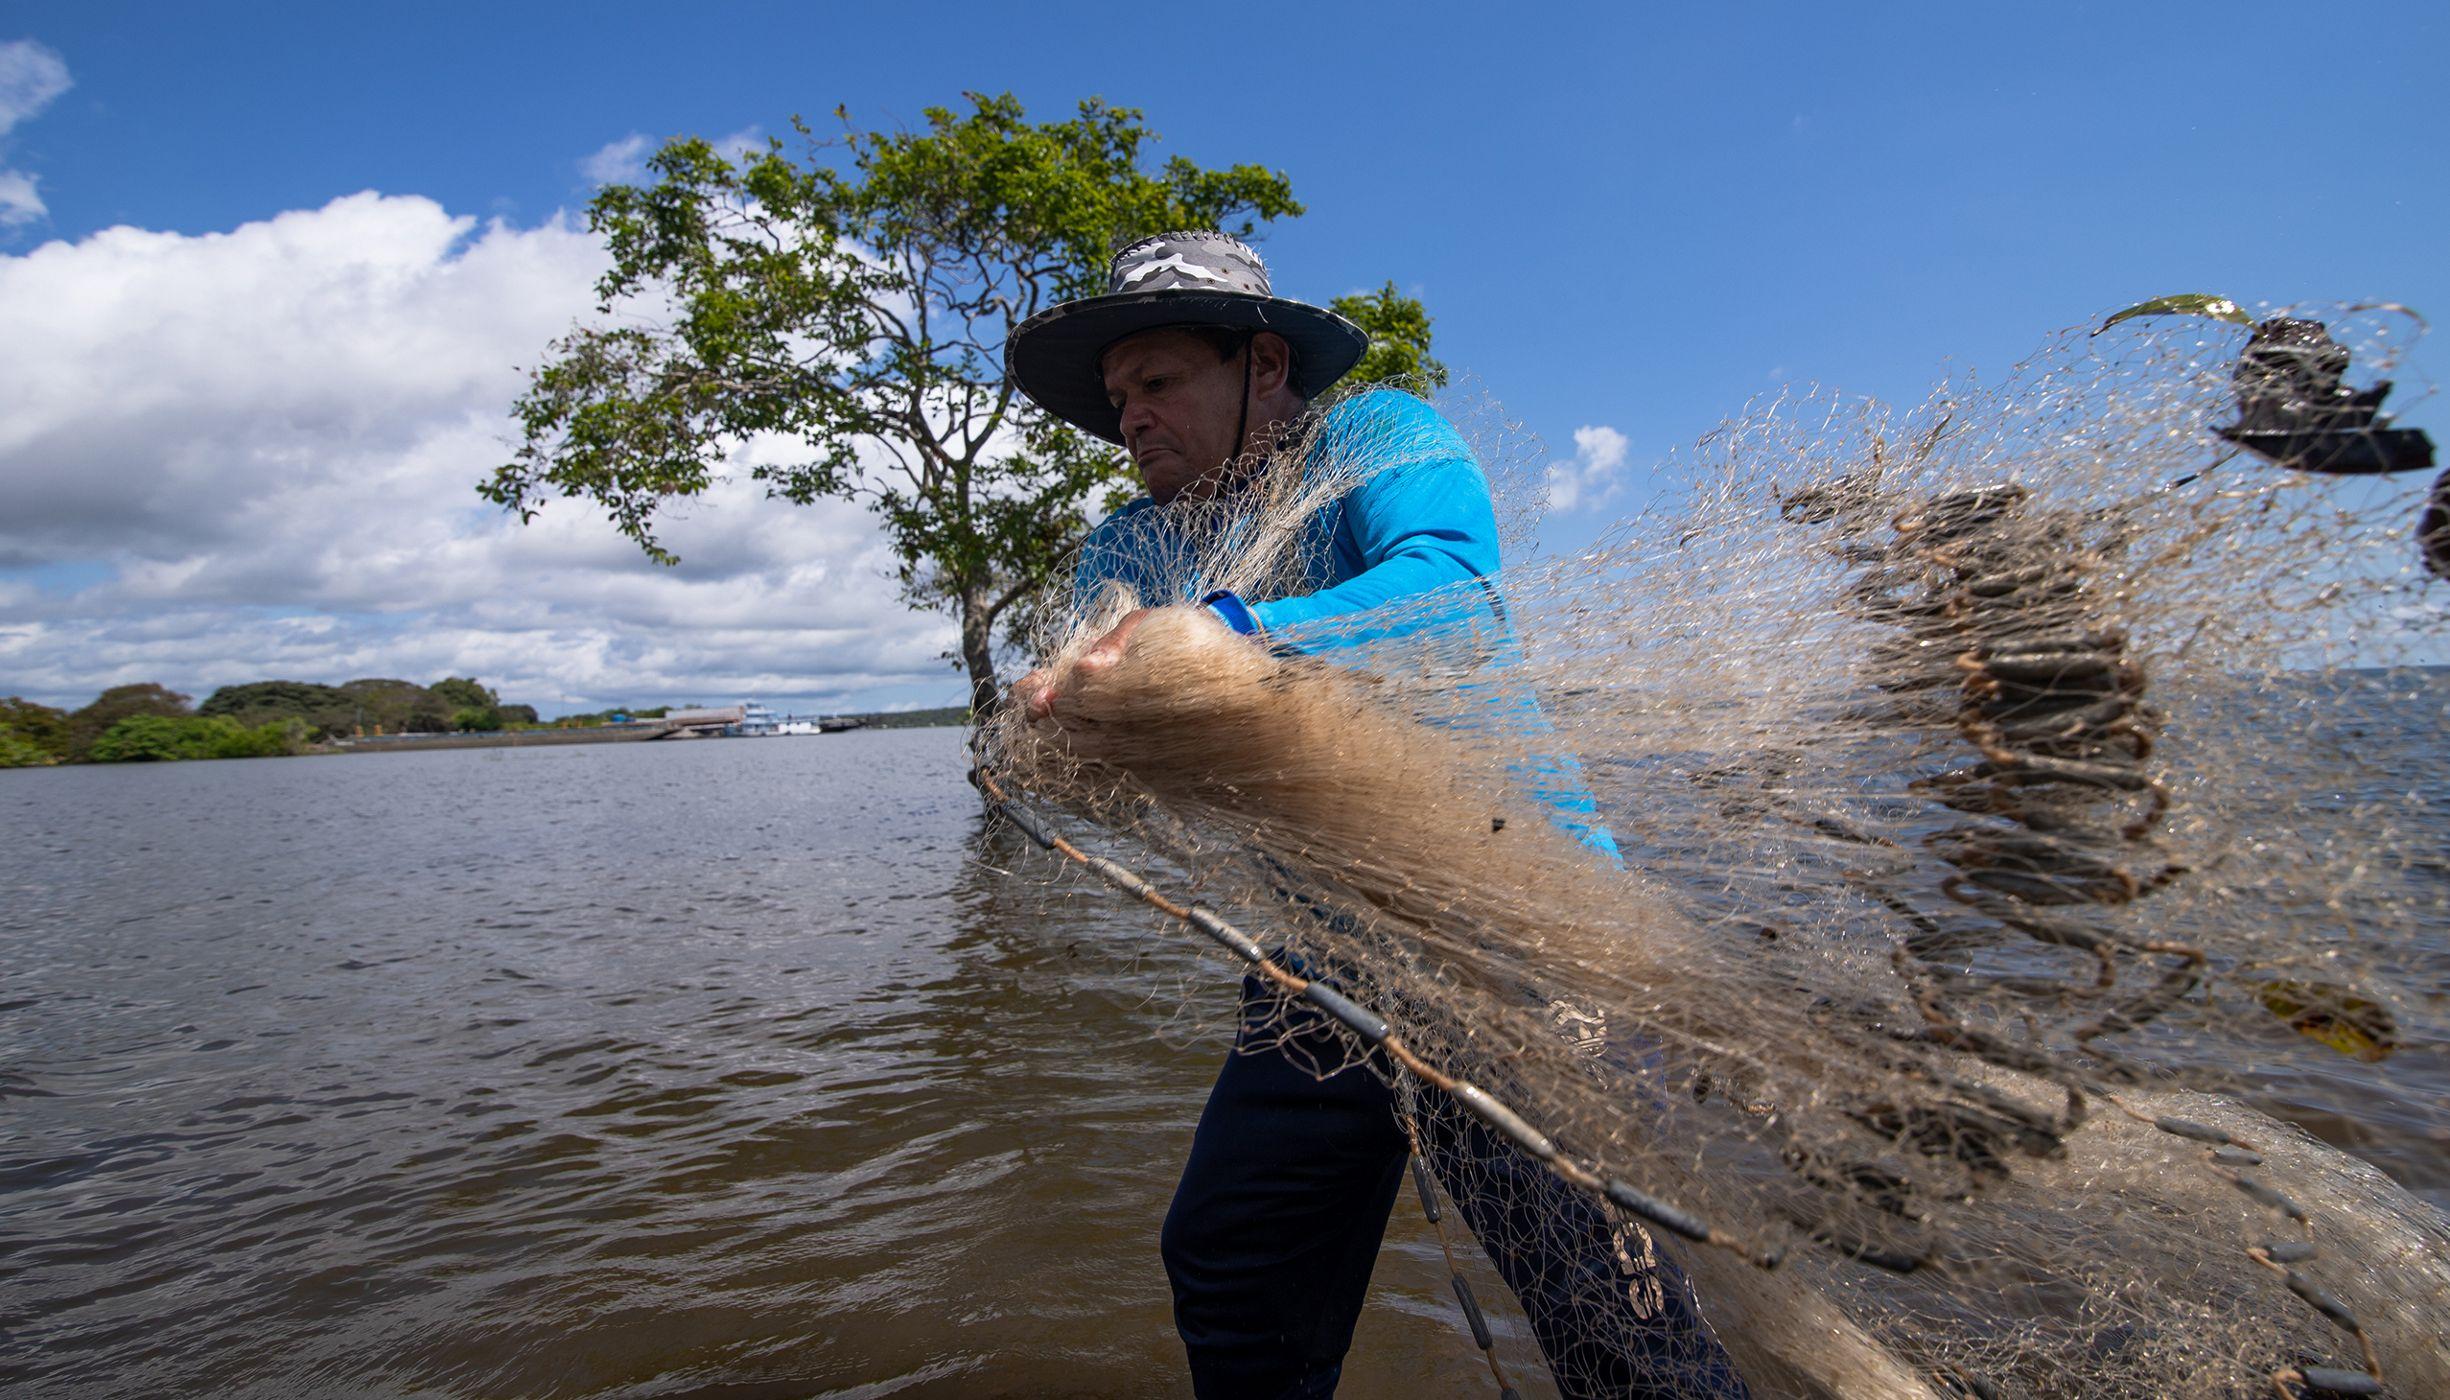 Pescador joga rede no Rio Tapajós